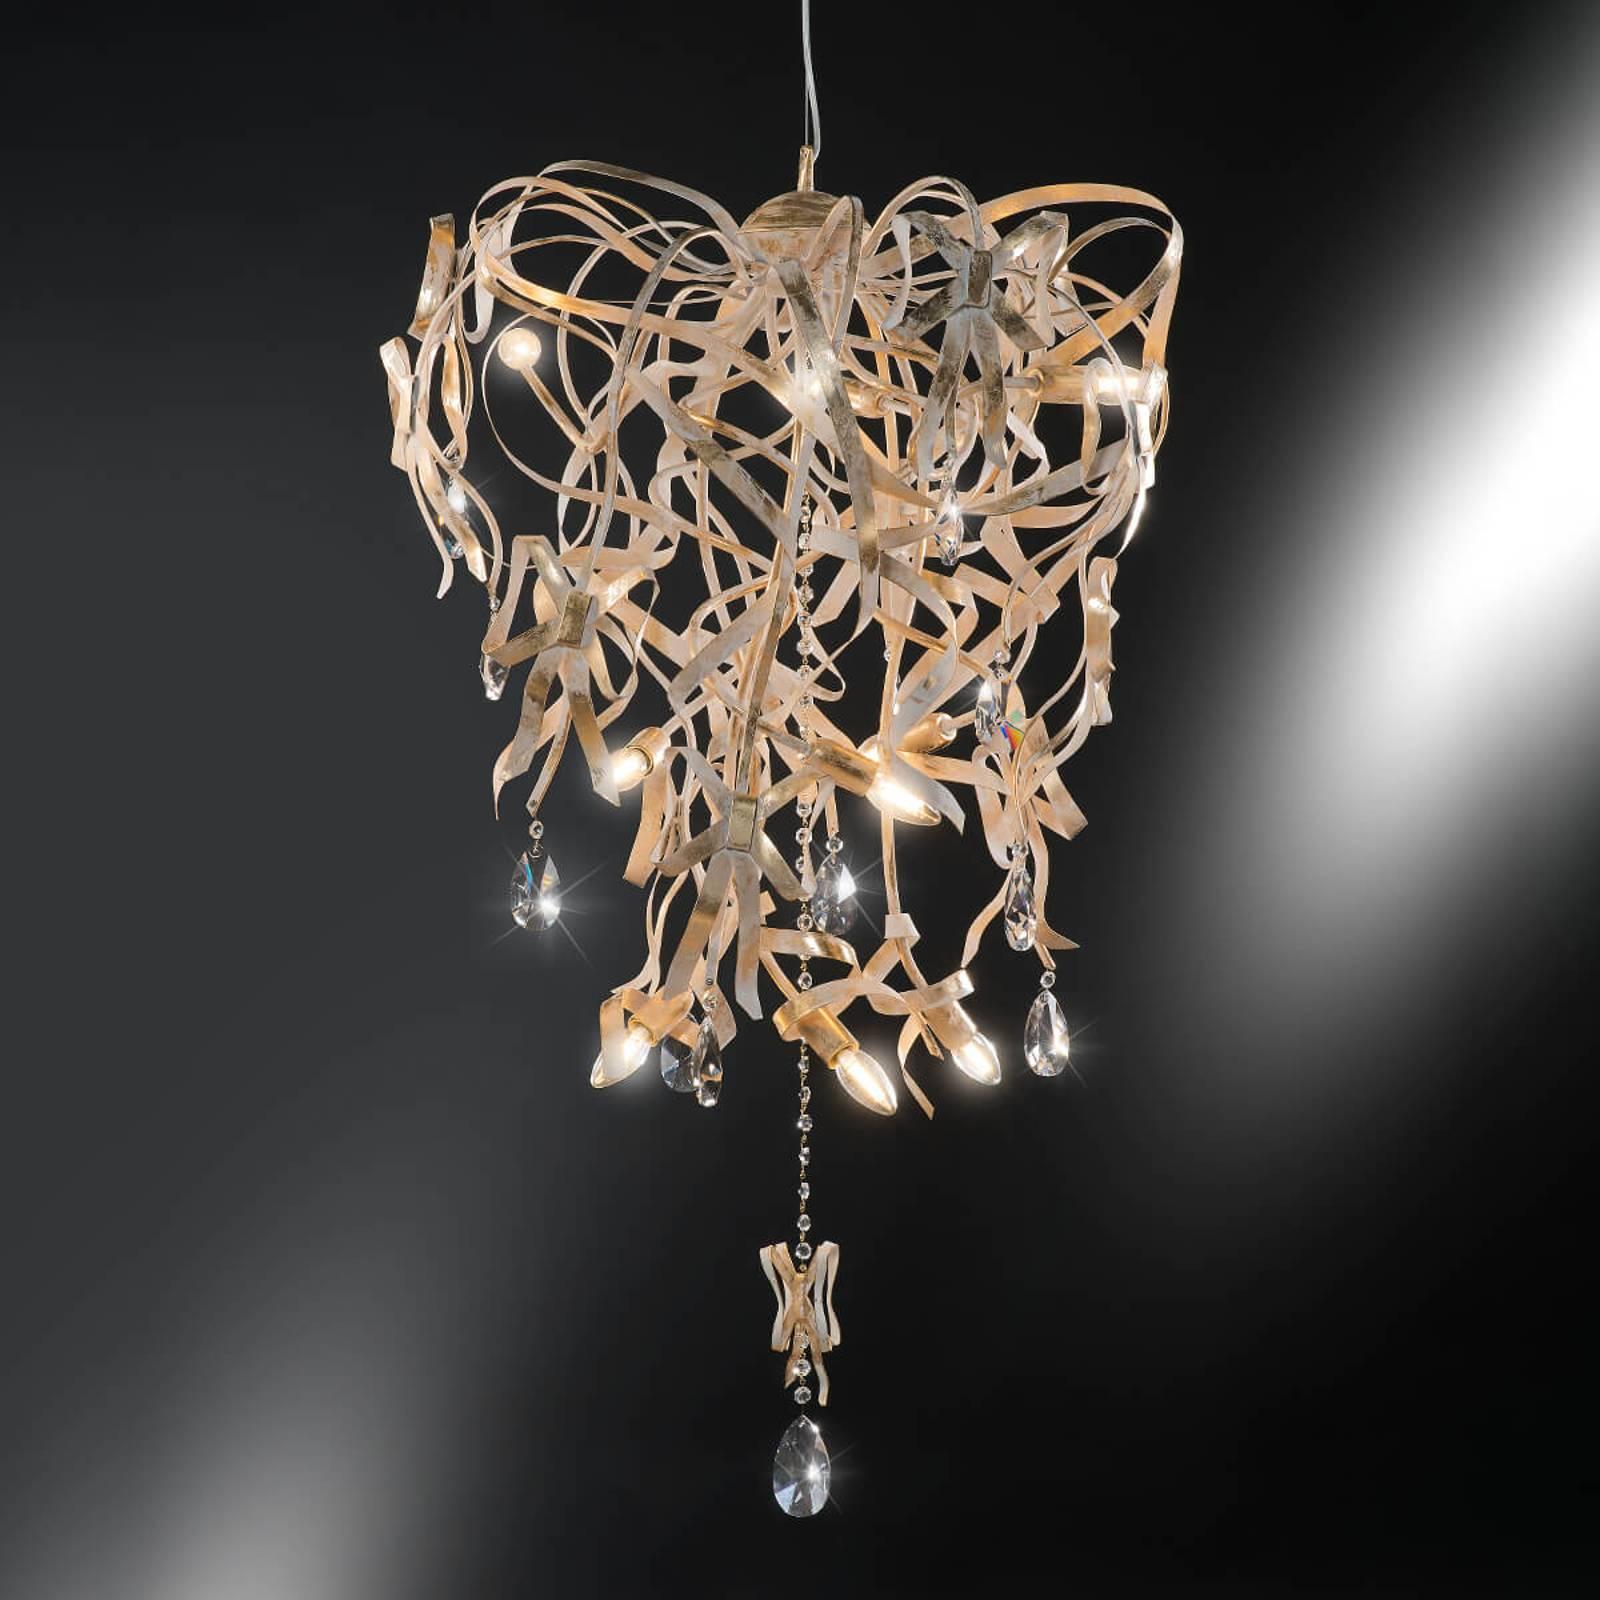 Lampa wisząca Greta ze złotą patyną, 9-punktowa